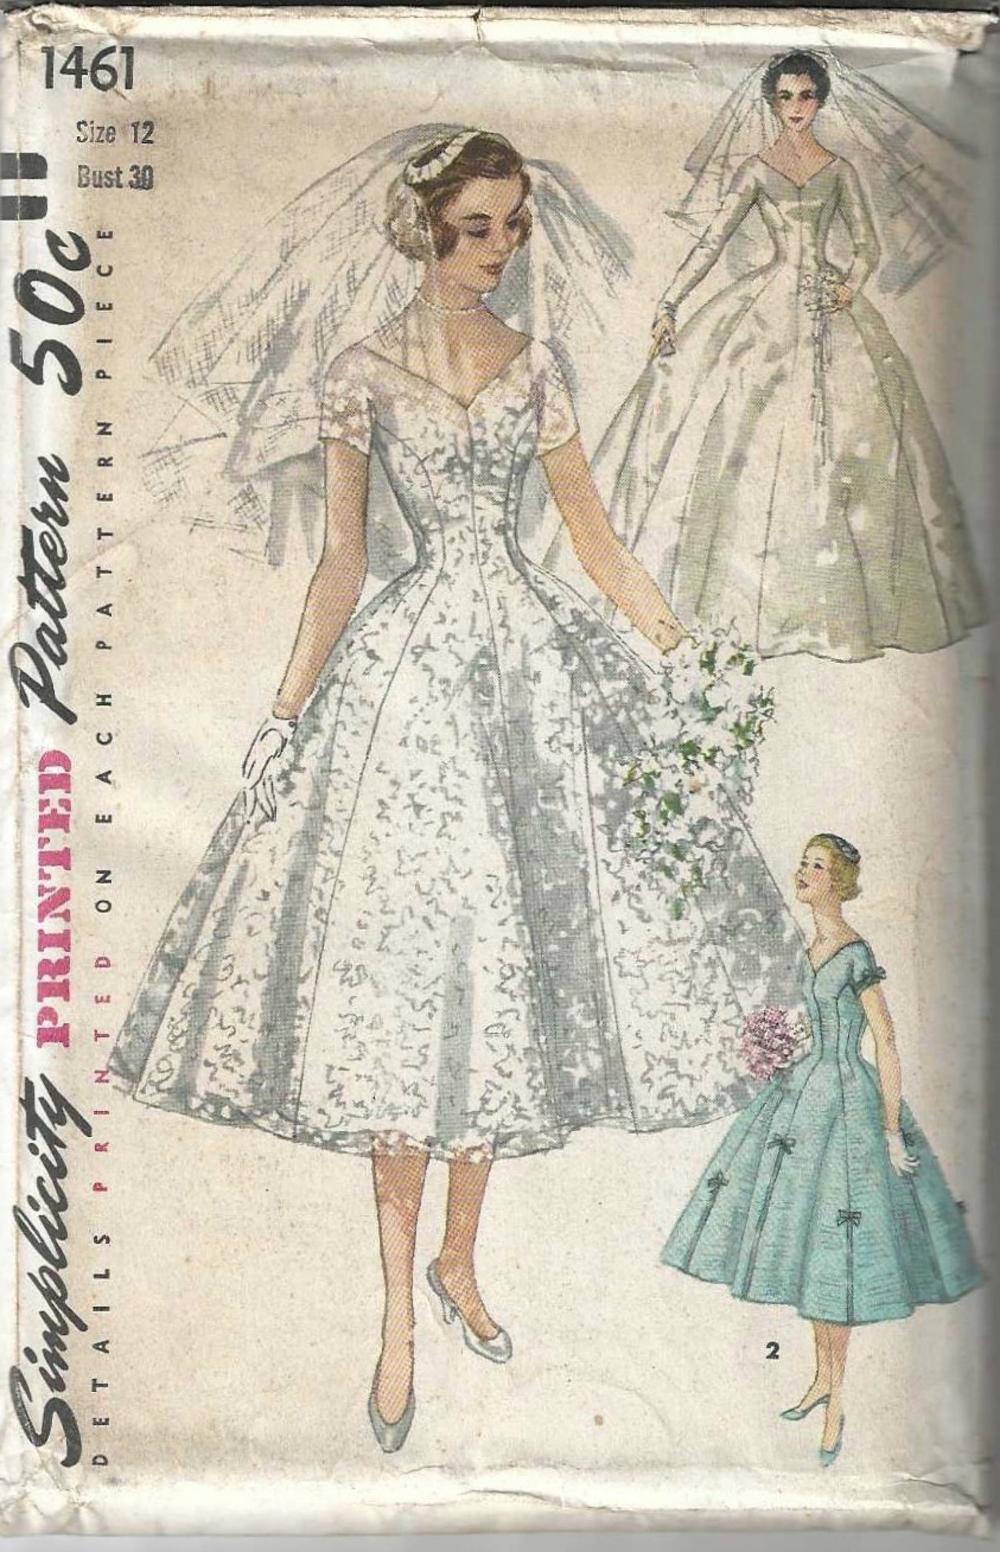 1950 S Tea Length Wedding Dress Simplicity Sewing Pattern Etsy In 2020 Sewing Wedding Dress Wedding Dress Patterns Vintage Wedding Dress Pattern